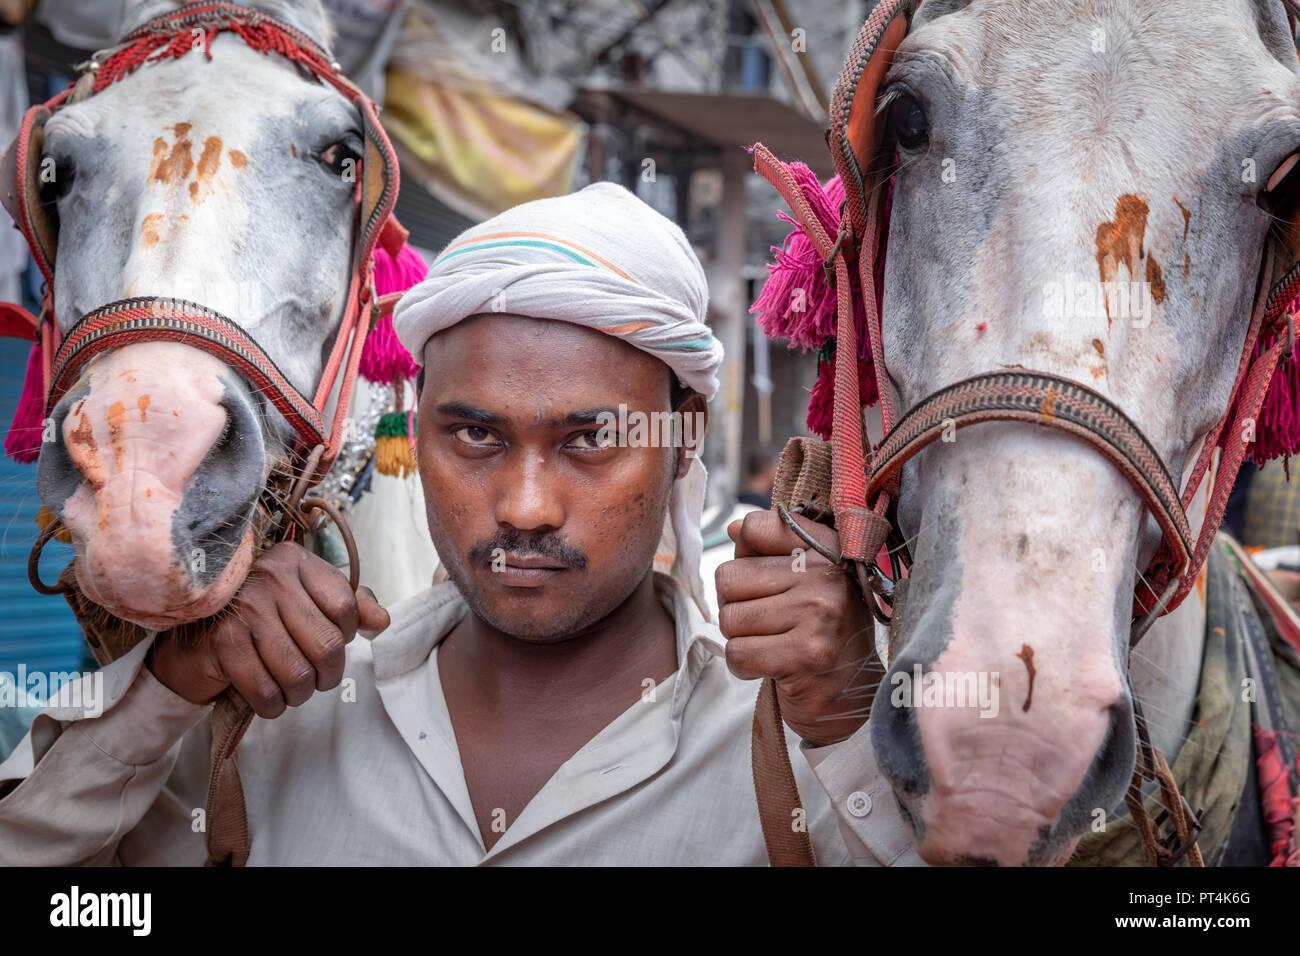 Nukra Horse Images, Stock Photos & Vectors | Shutterstock